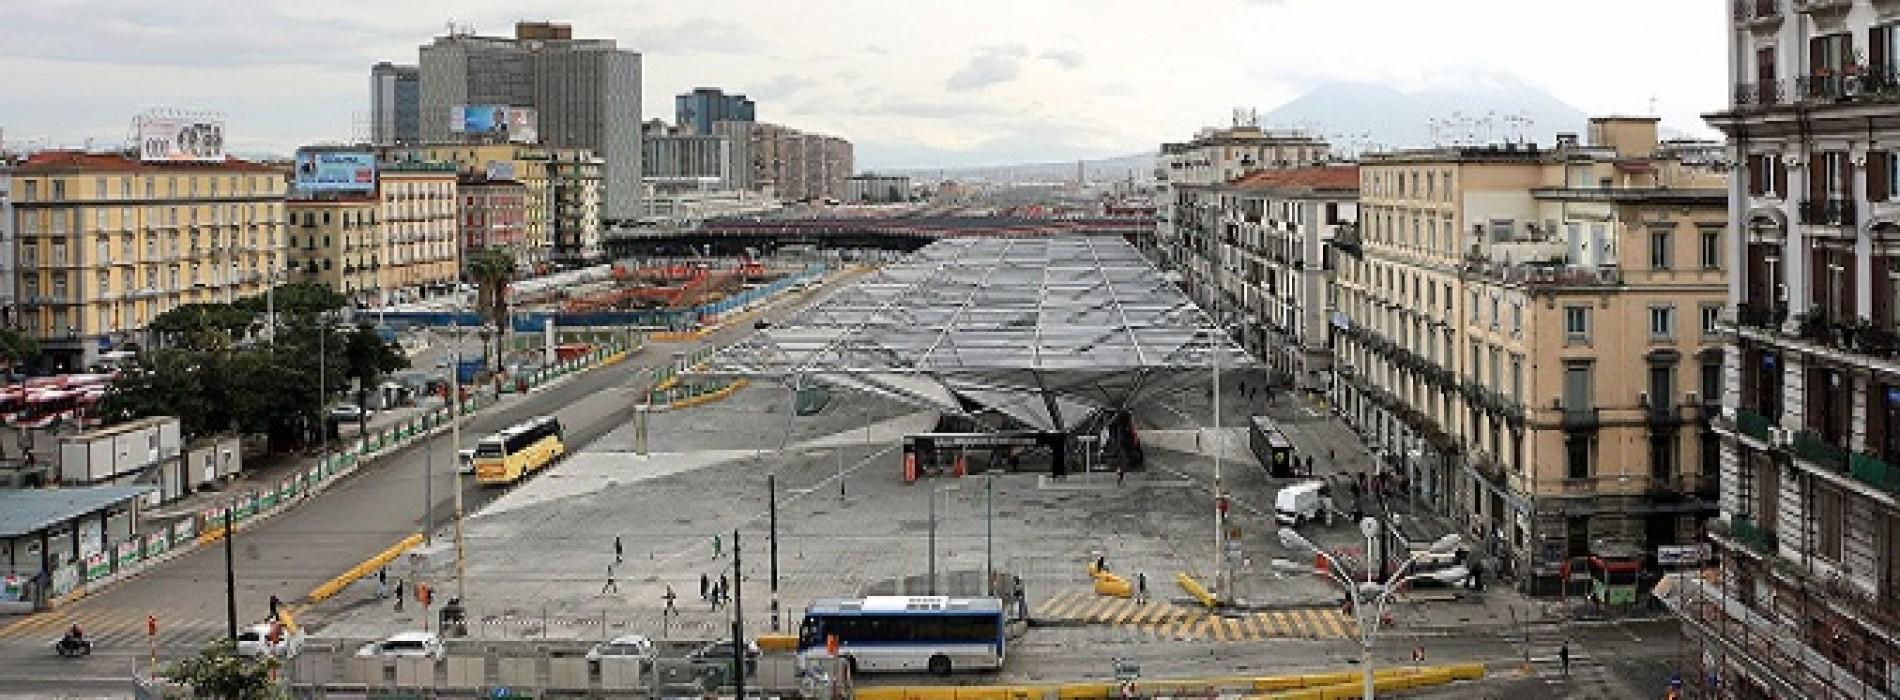 La storica Piazza Garibaldi